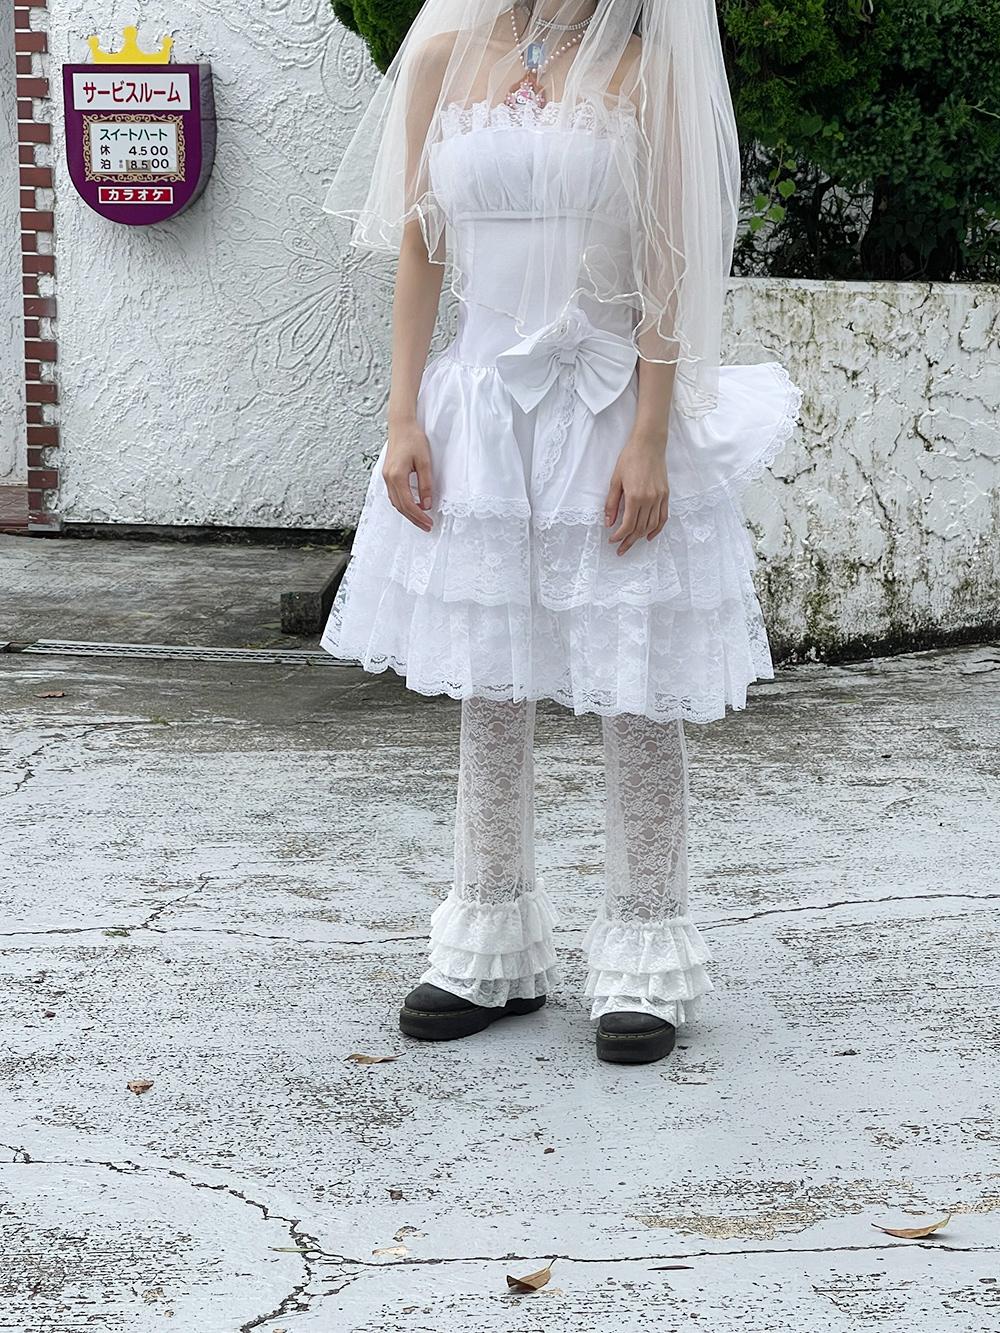 (4次入荷) (rsp made) ivory baby rose lace frill pants